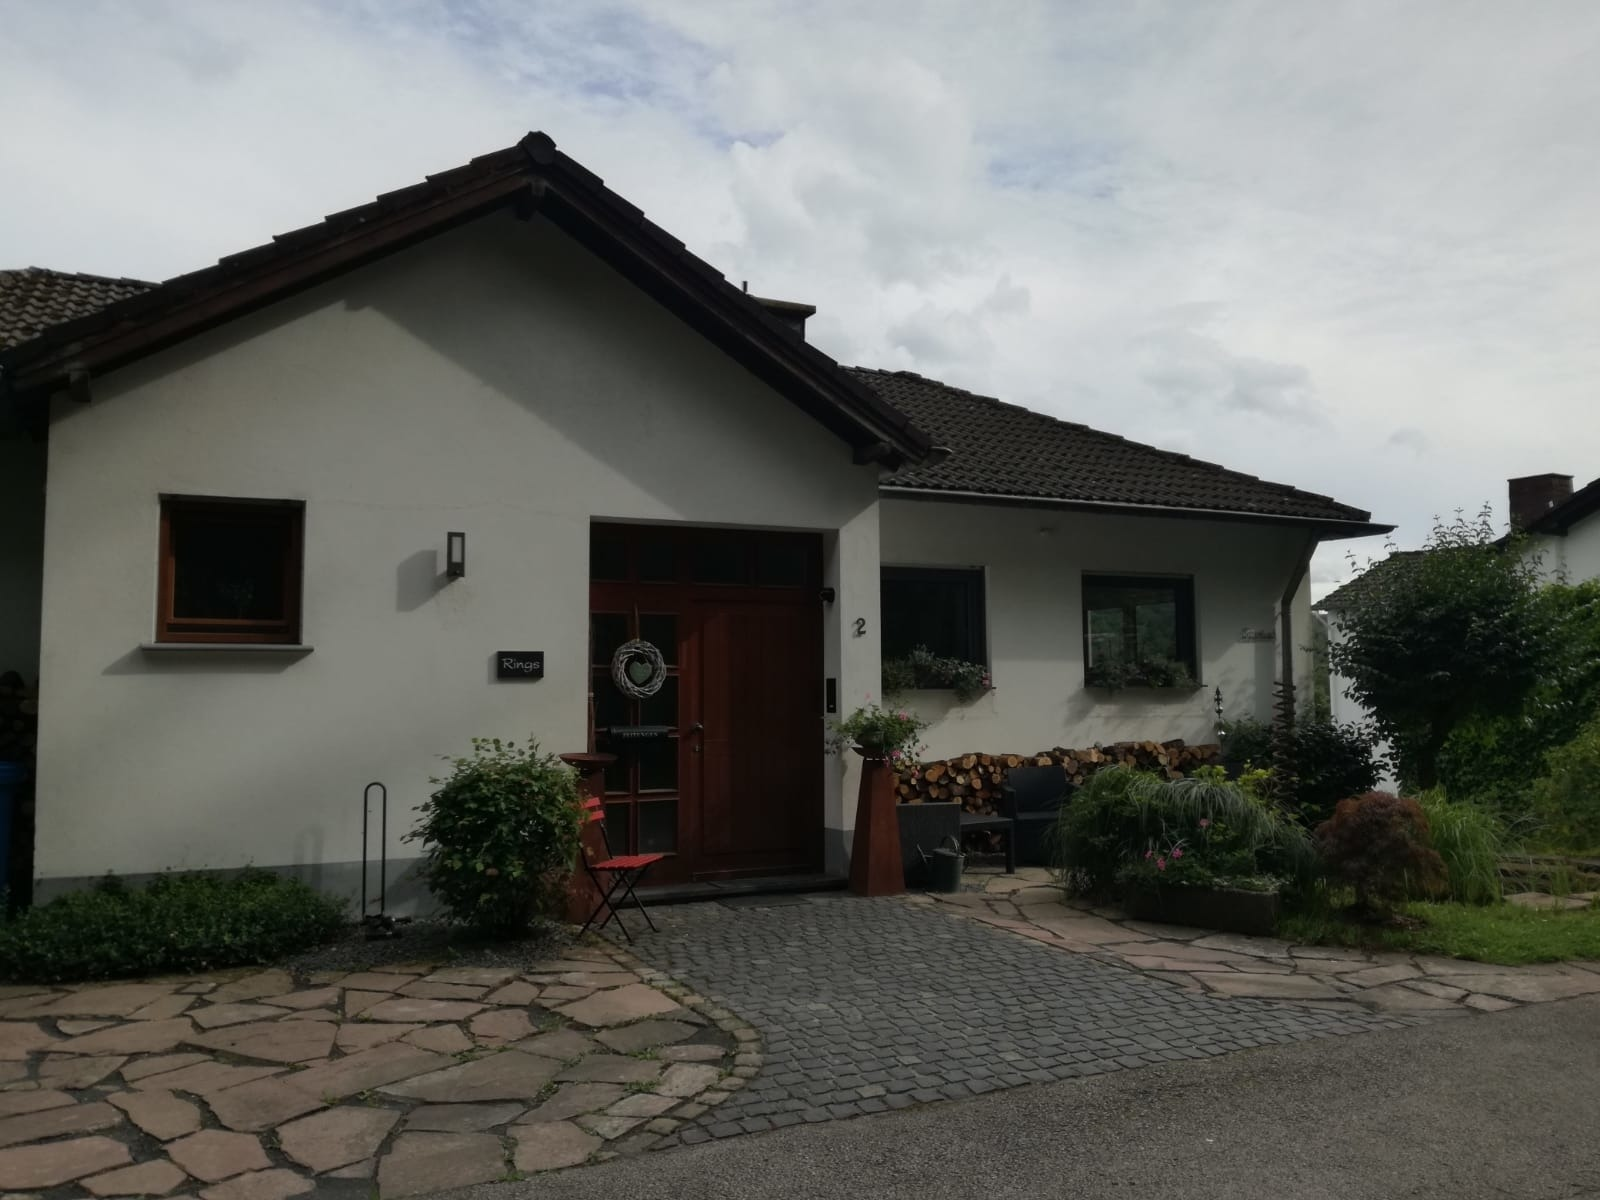 Ferienwohnung Tettenbusch in der Waldstadt Prü Ferienwohnung in der Eifel